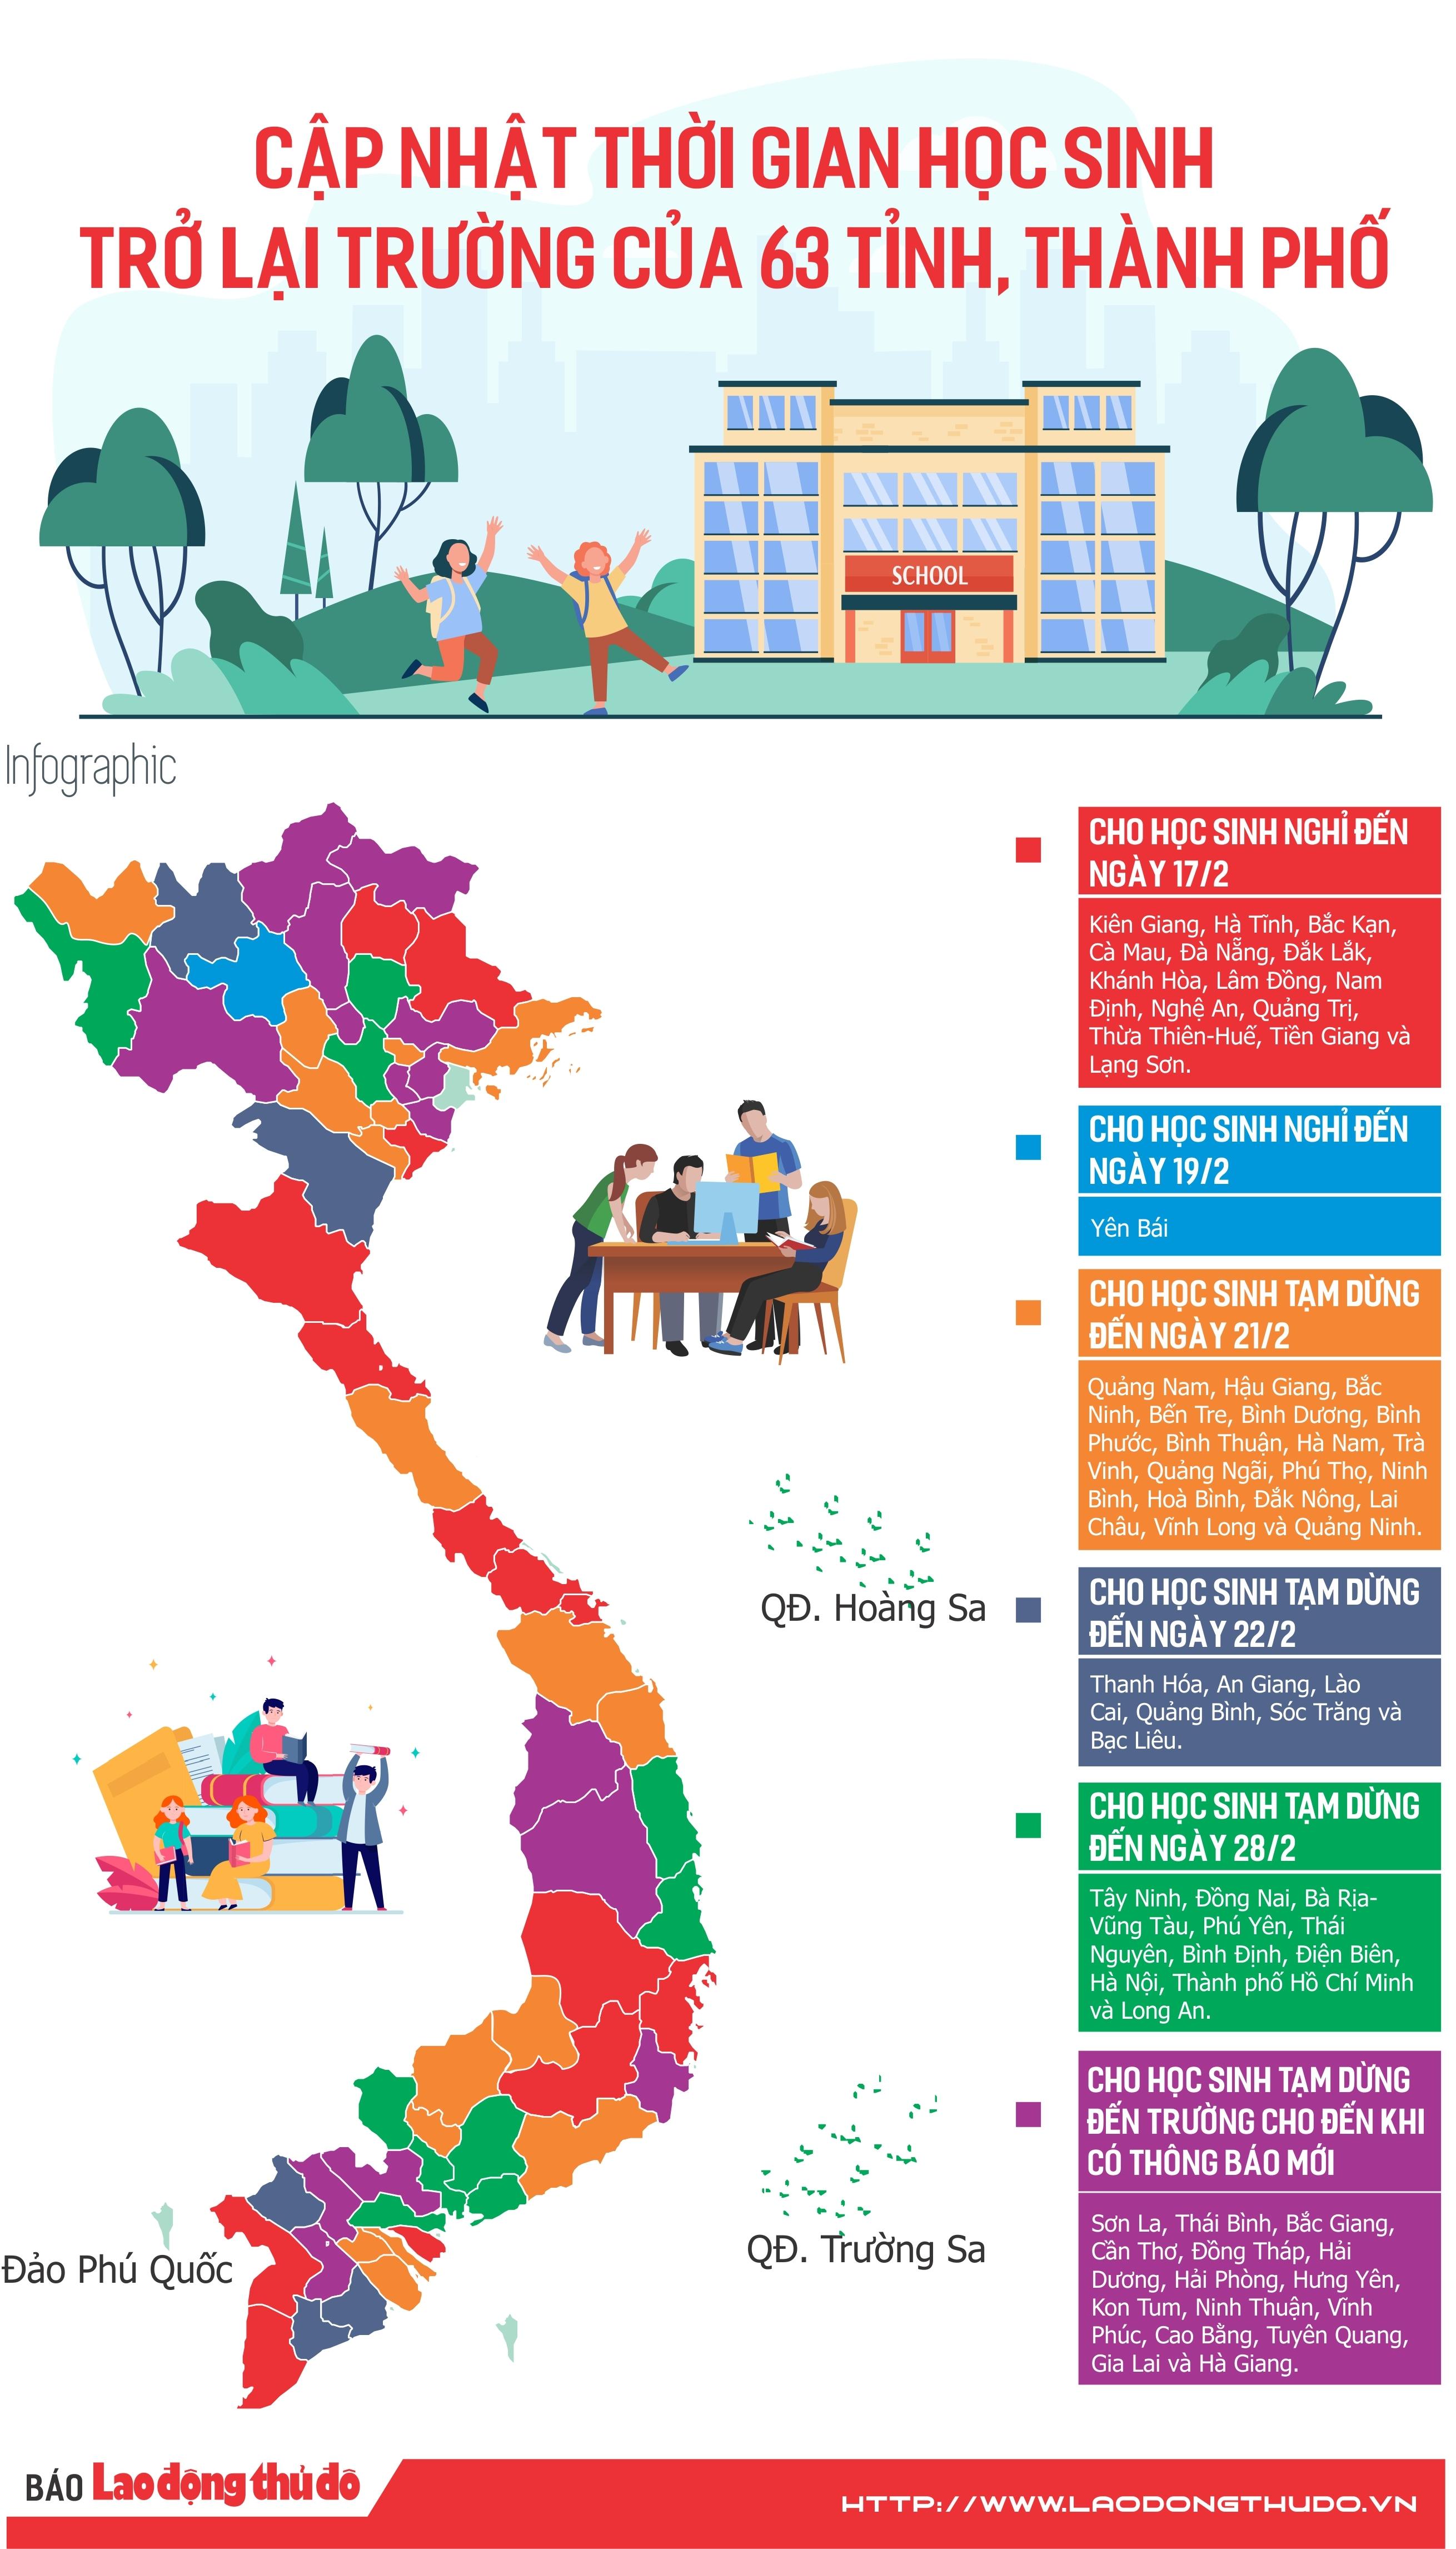 [INFOGRAPHIC] Cập nhật thời gian học sinh trở lại trường của 63 tỉnh, thành phố